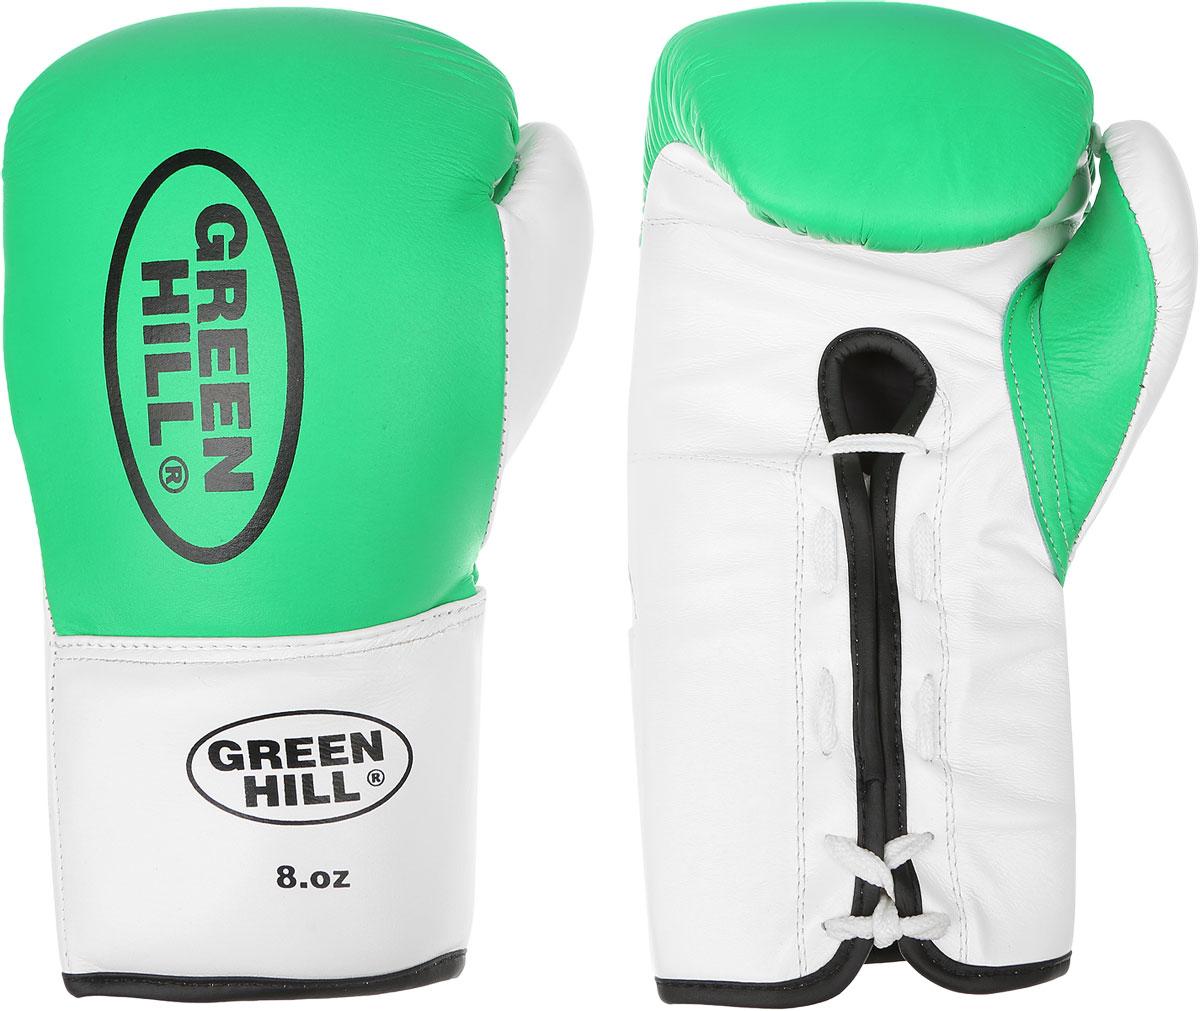 Перчатки боксерские Green Hill Proffi, цвет: зеленый, белый, черный. Вес 8 унций. BGP-2014AIRWHEEL M3-162.8Боксерские перчатки Green Hill Proffi предназначены для использования профессионалами. Верх выполнен из натуральной кожи, наполнитель - из вспененного полимера. Отверстие в области ладони позволяет создать максимально комфортный терморежим во время занятий. Манжет на шнуровке способствует быстрому и удобному надеванию перчаток, плотно фиксирует перчатки на руке.